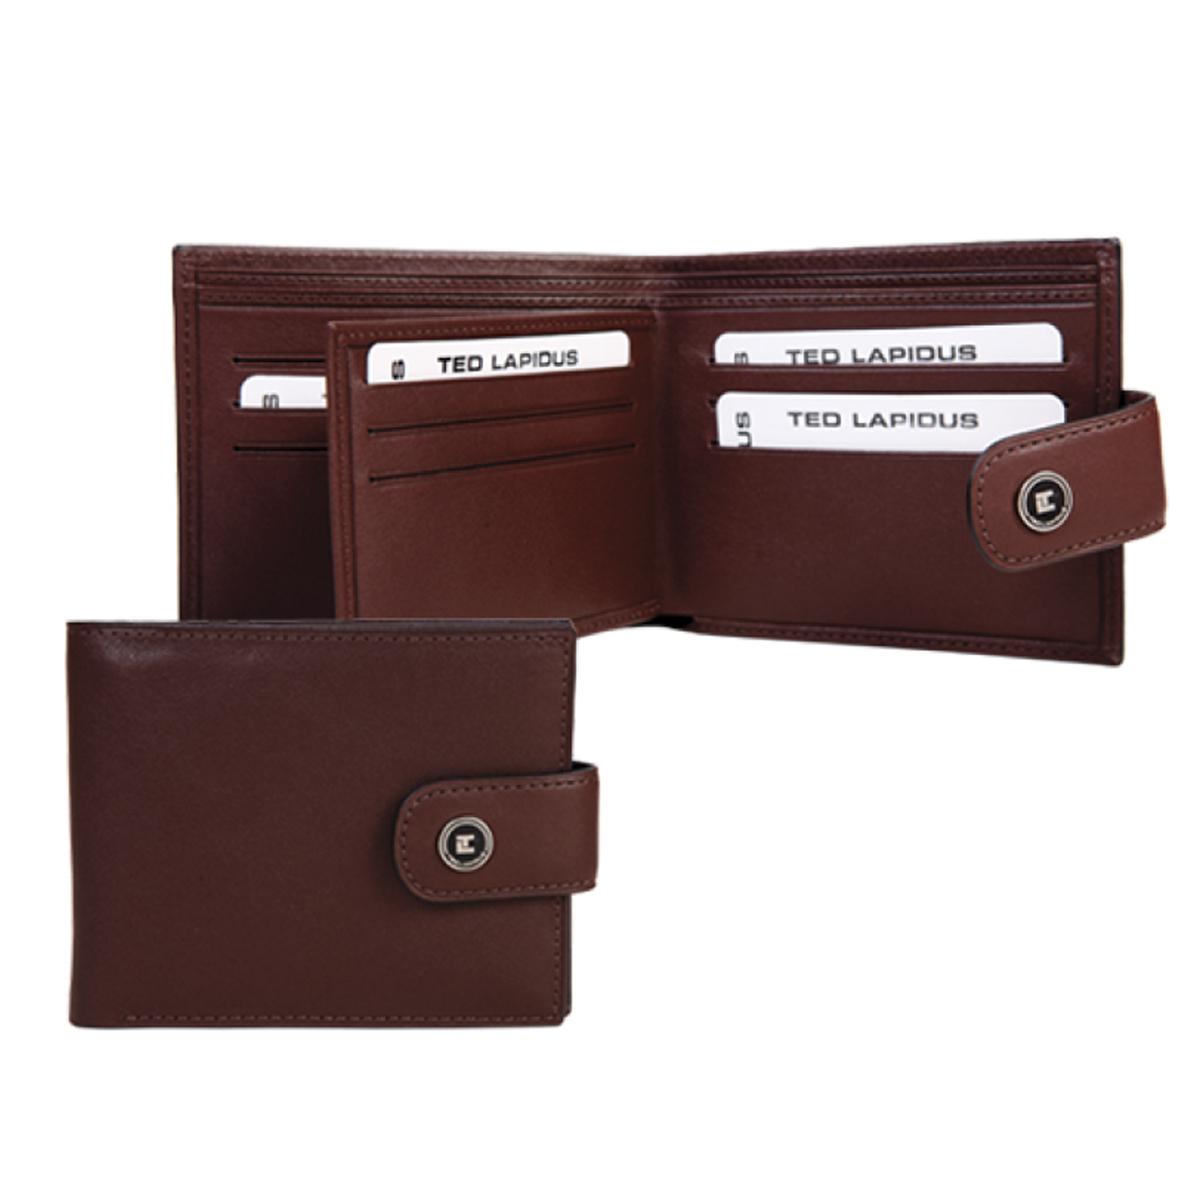 Porte-cartes \'Ted Lapidus\' marron - 115x95x3 cm - [K5636]